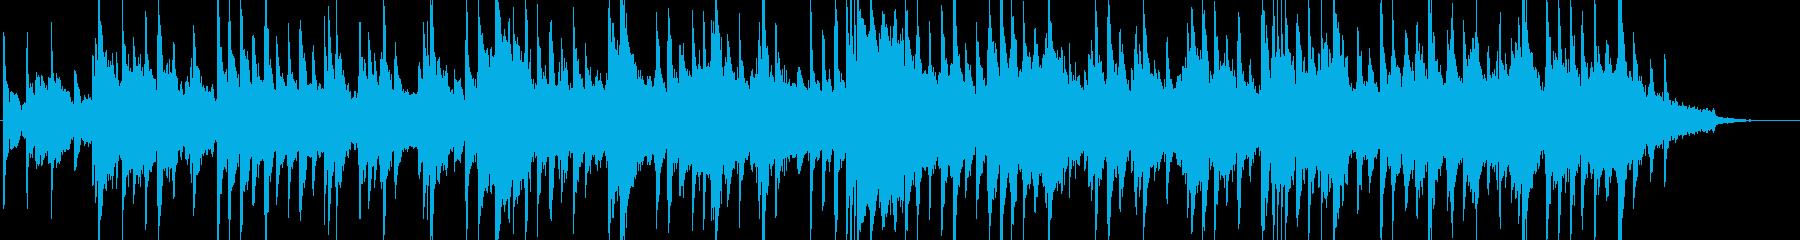 森・海・星-物語を感じる幻想的なBGMの再生済みの波形